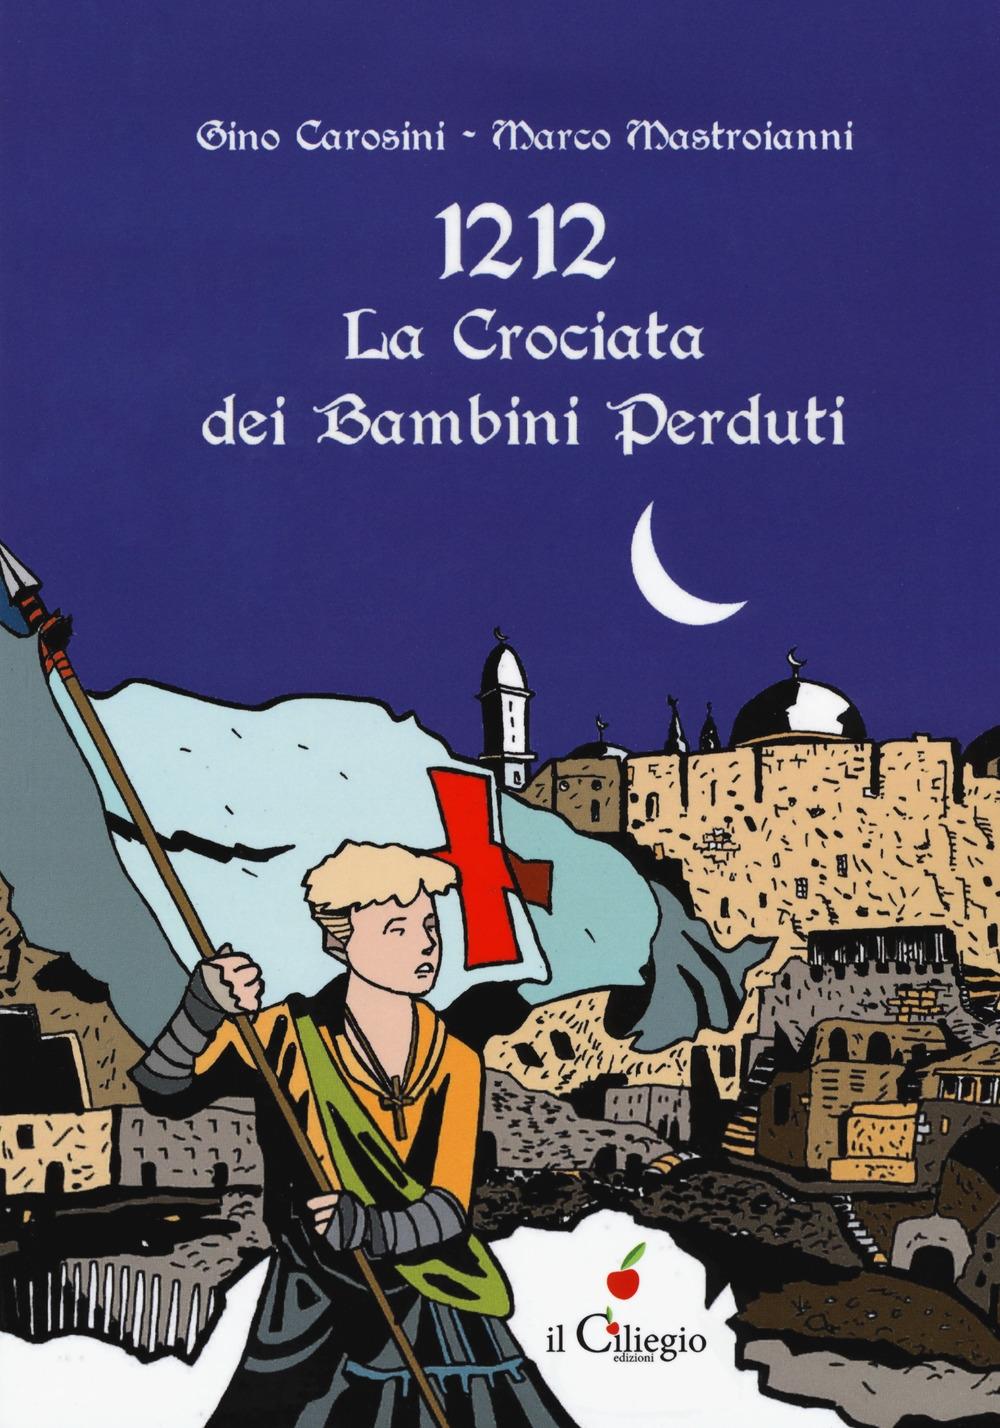 1212 la crociata dei bimbi perduti